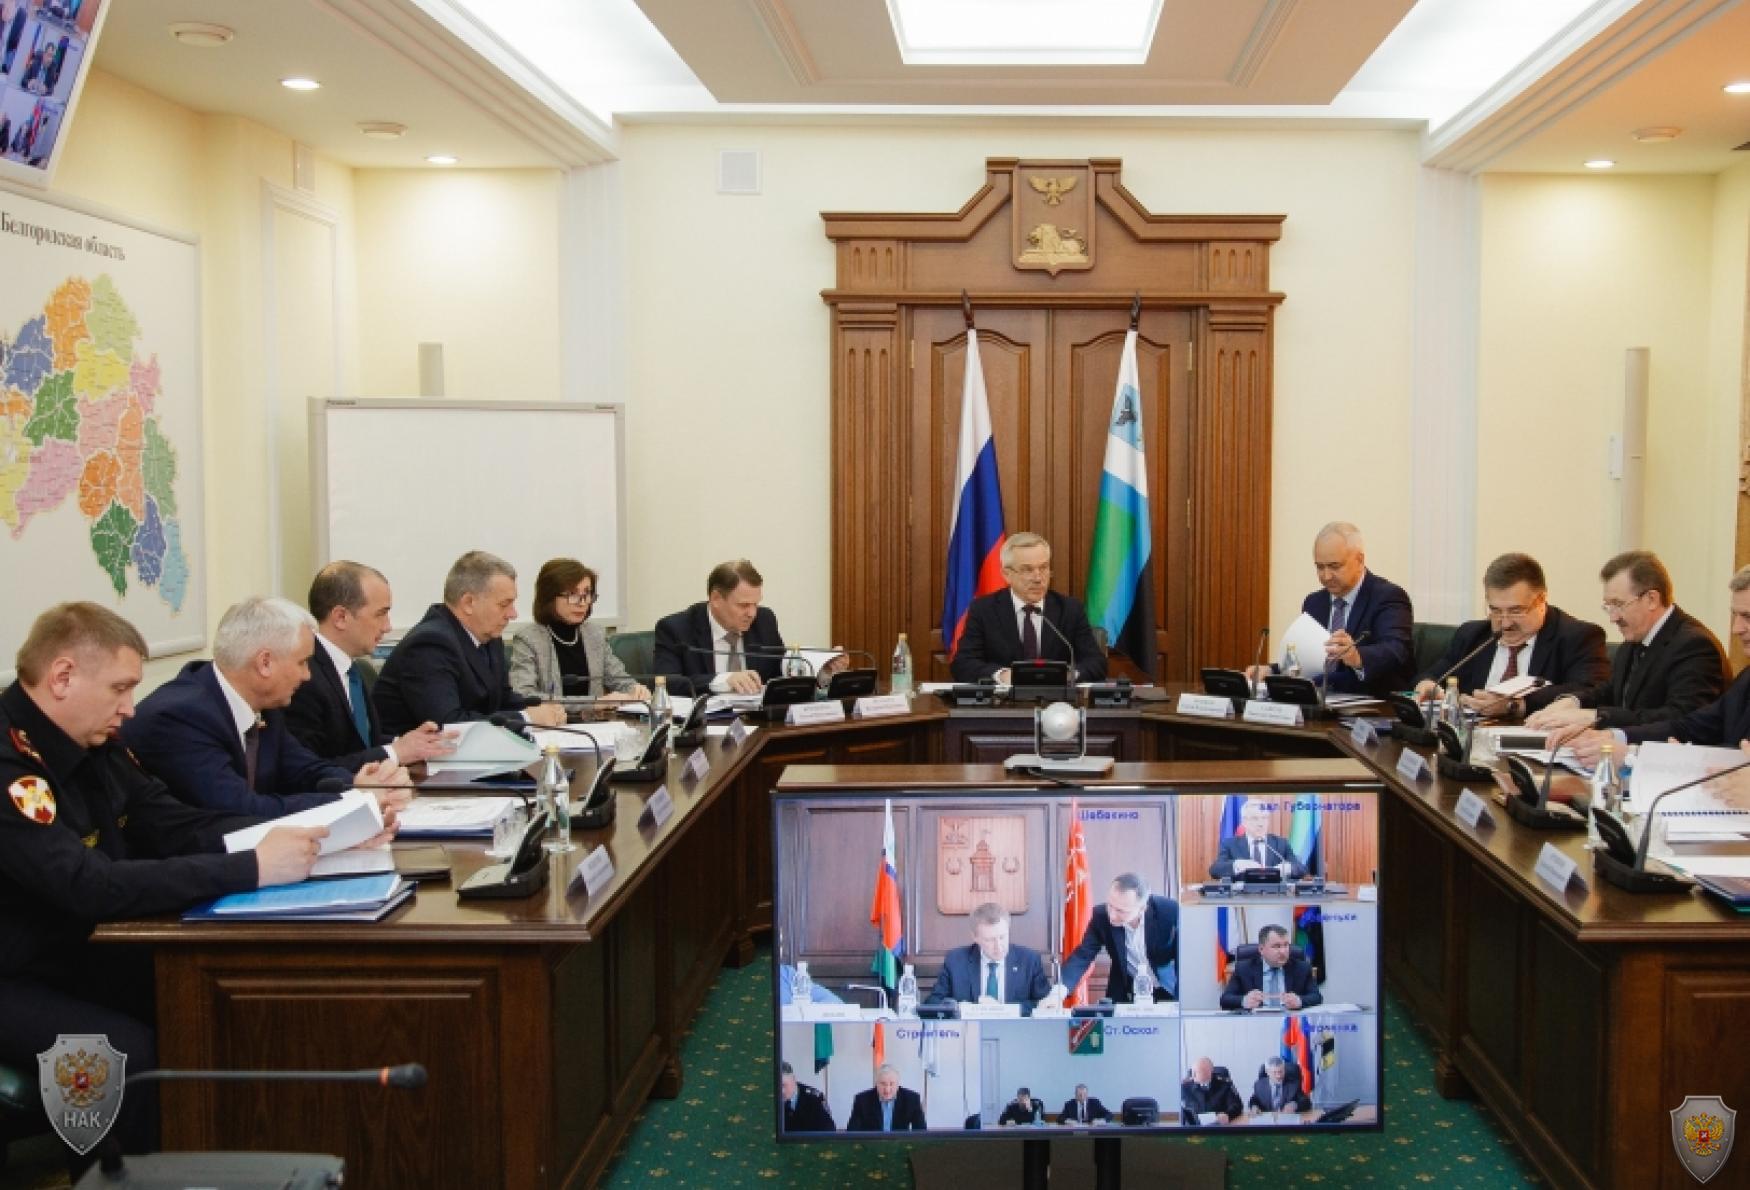 Открытие совместного заседания АТК в Белгородской области и ОШ в Белгородской области